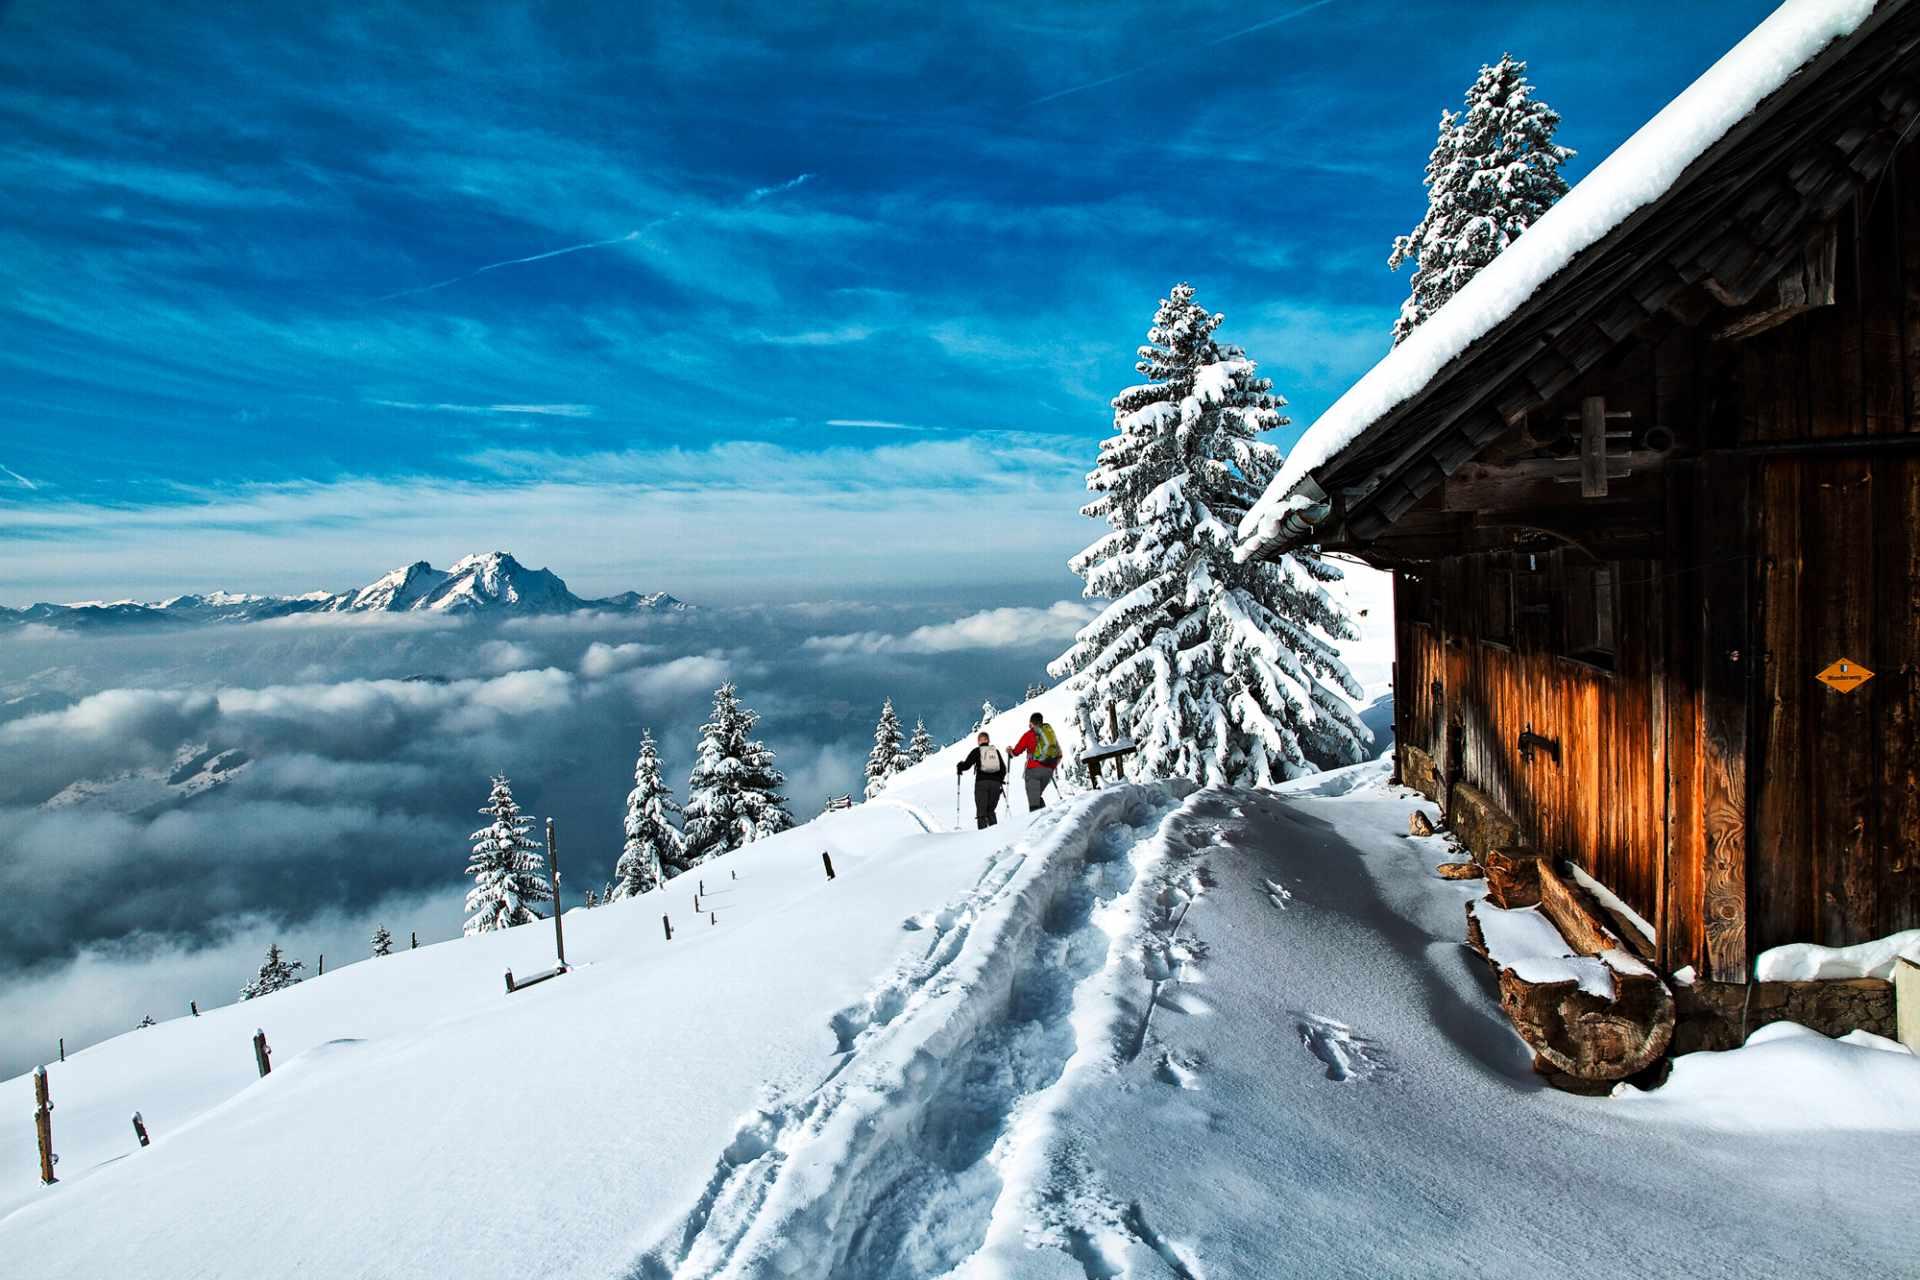 Winterwanderung auf der Rigi